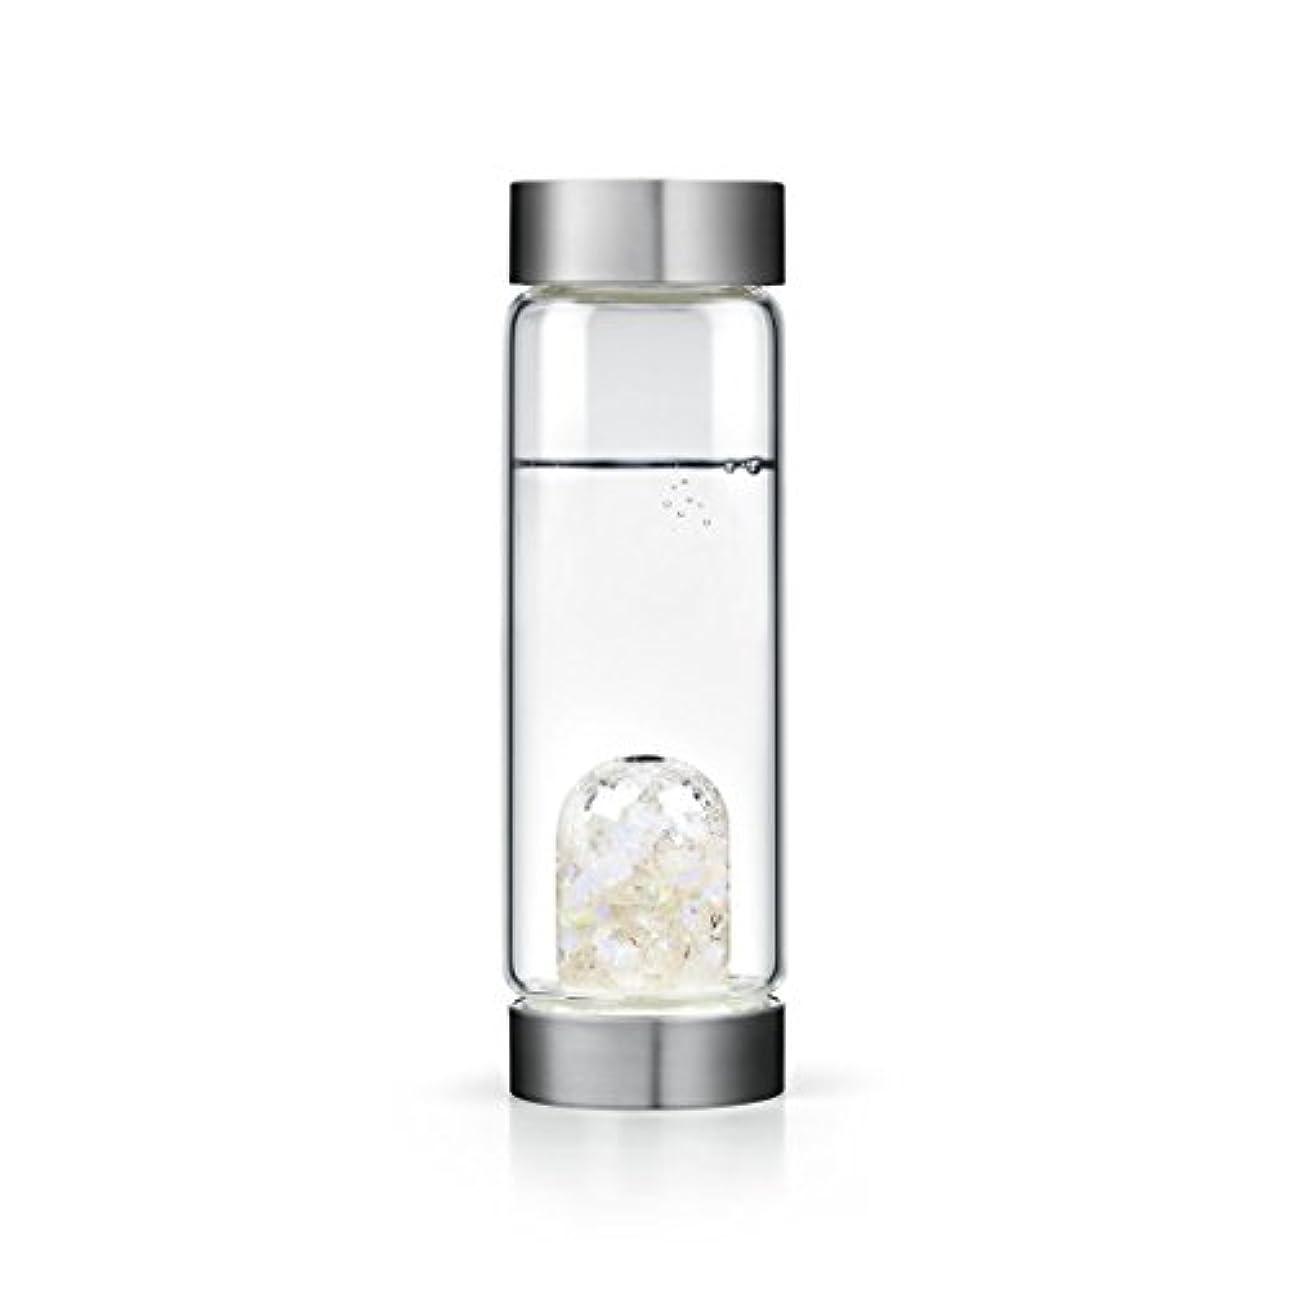 ストッキングエスニック懐疑的Luna gem-waterボトルby VitaJuwel W / Freeカリフォルニアホワイトセージバンドル 16.9 fl oz